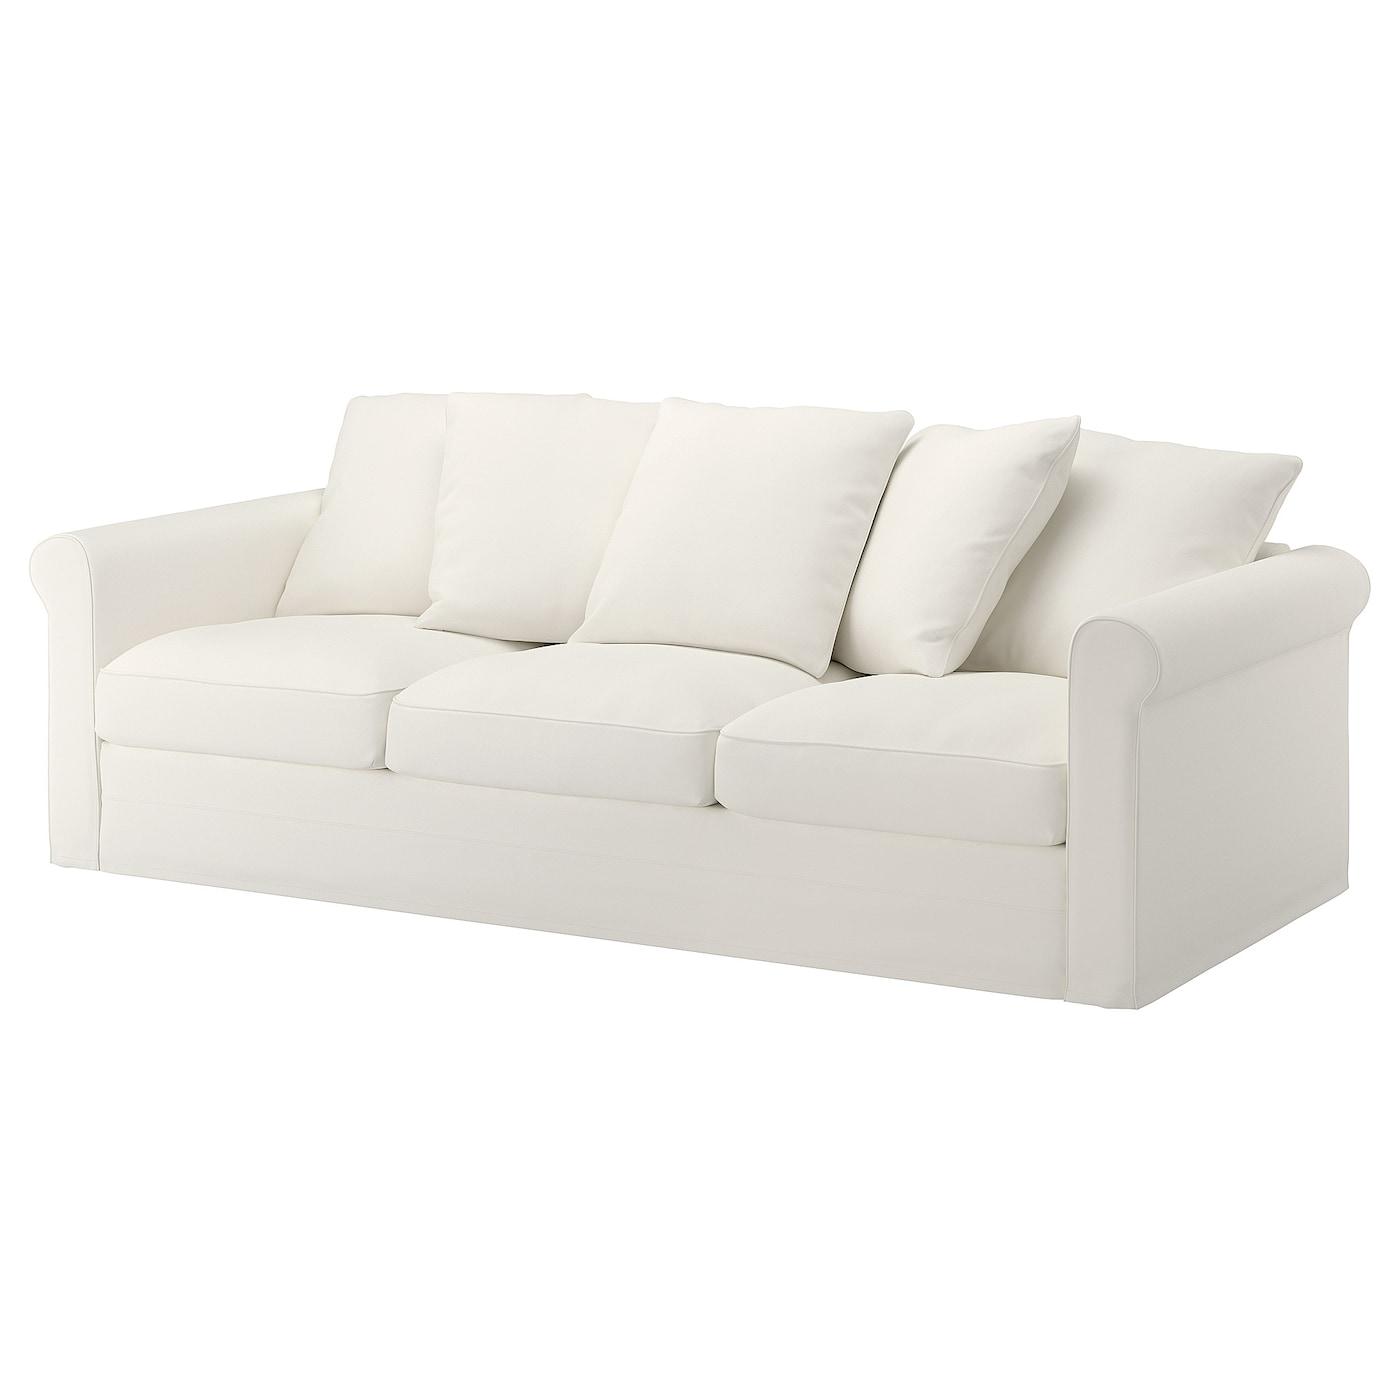 IKEA GRÖNLID biała sofa trzyosobowa